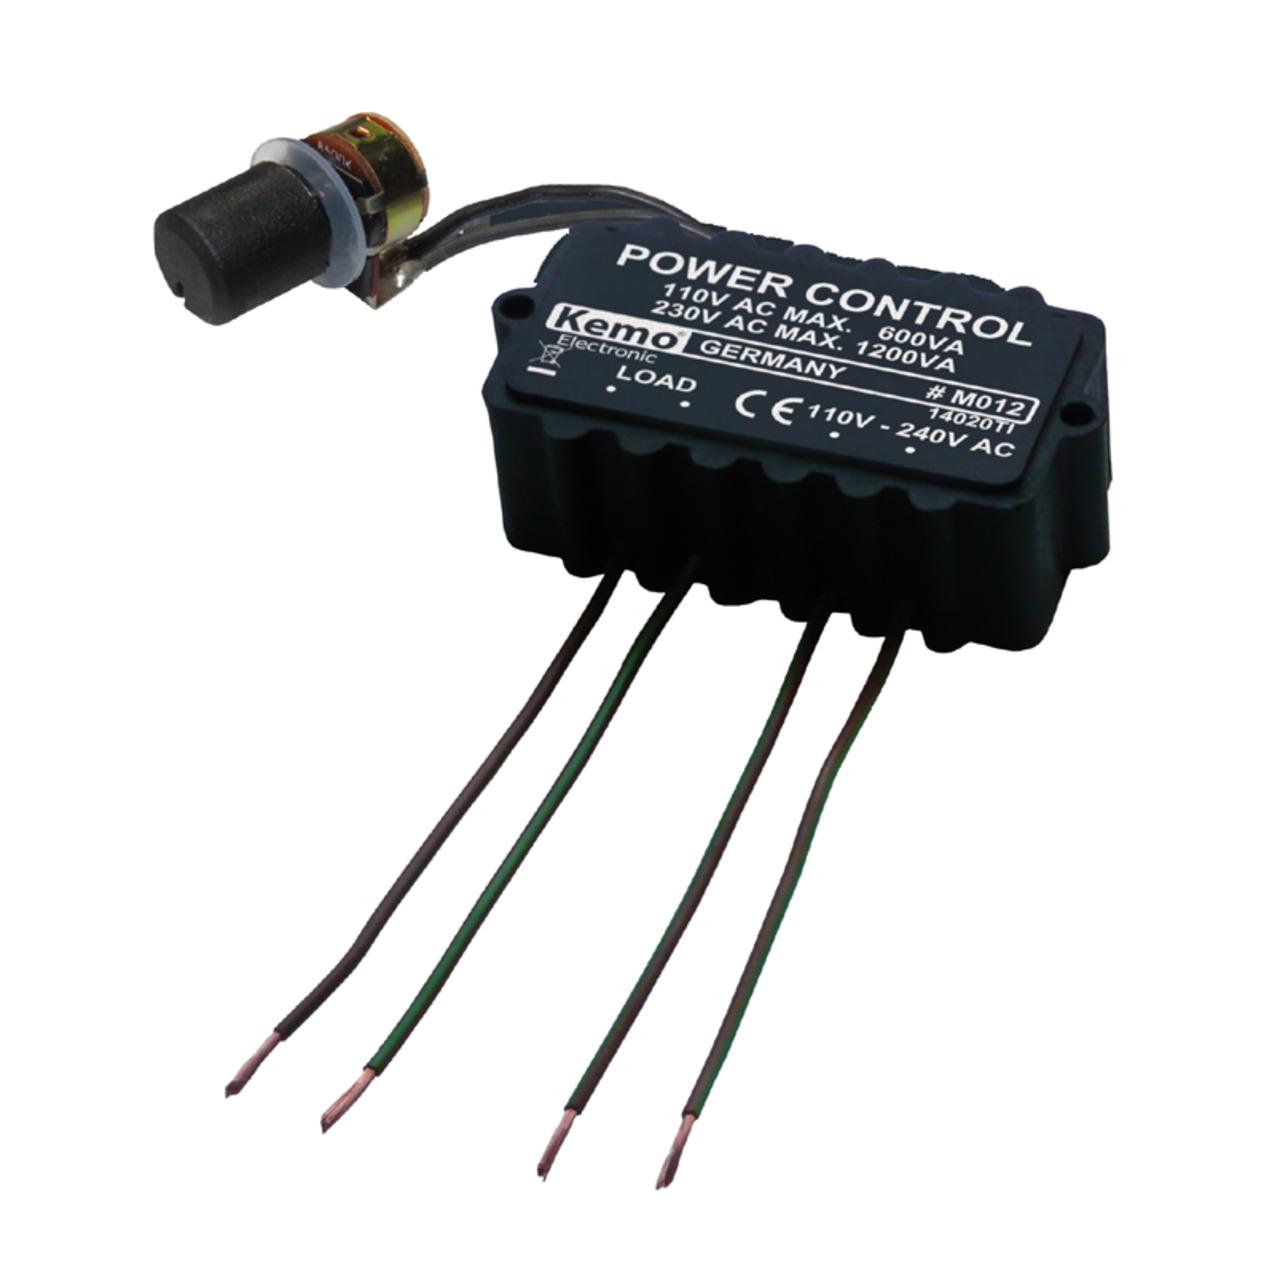 Kemo Leistungsregler M012- 110 - 240 V-AC- 1200 VA